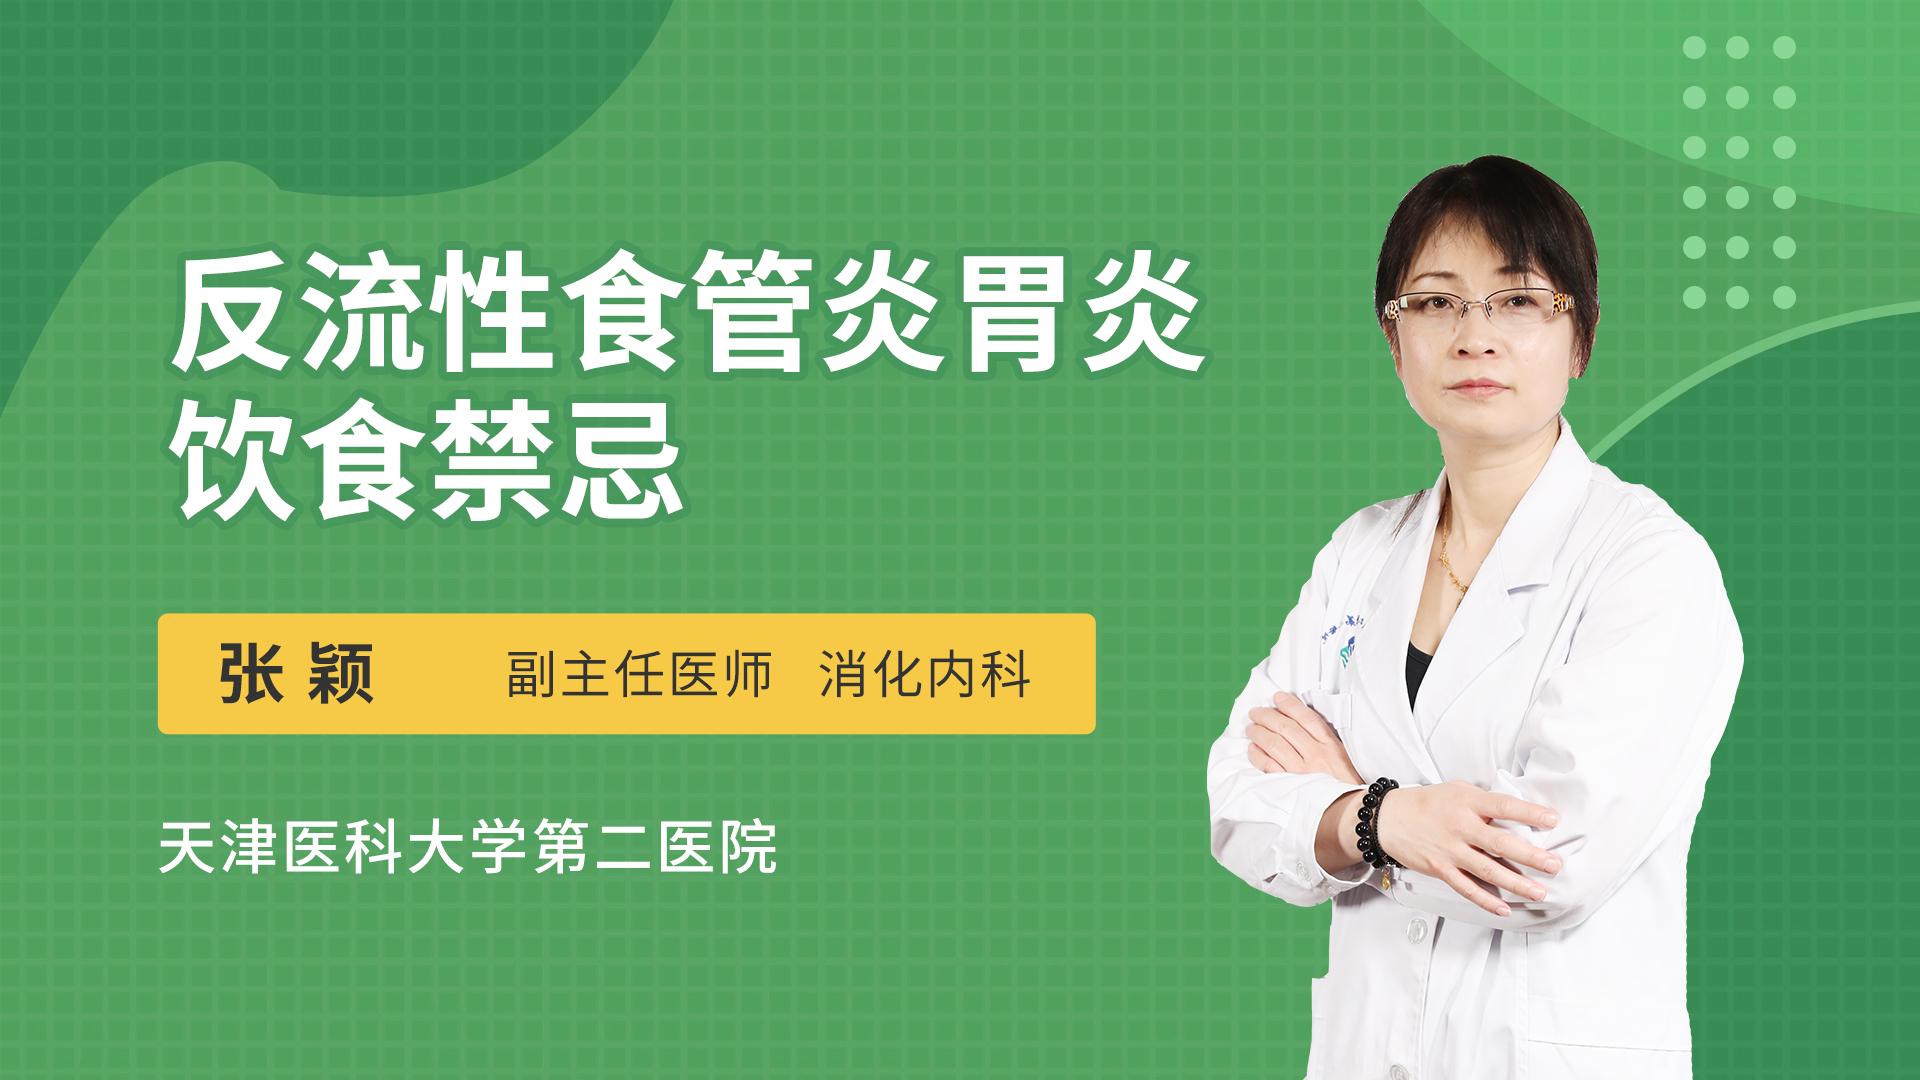 反流性食管炎胃炎饮食禁忌